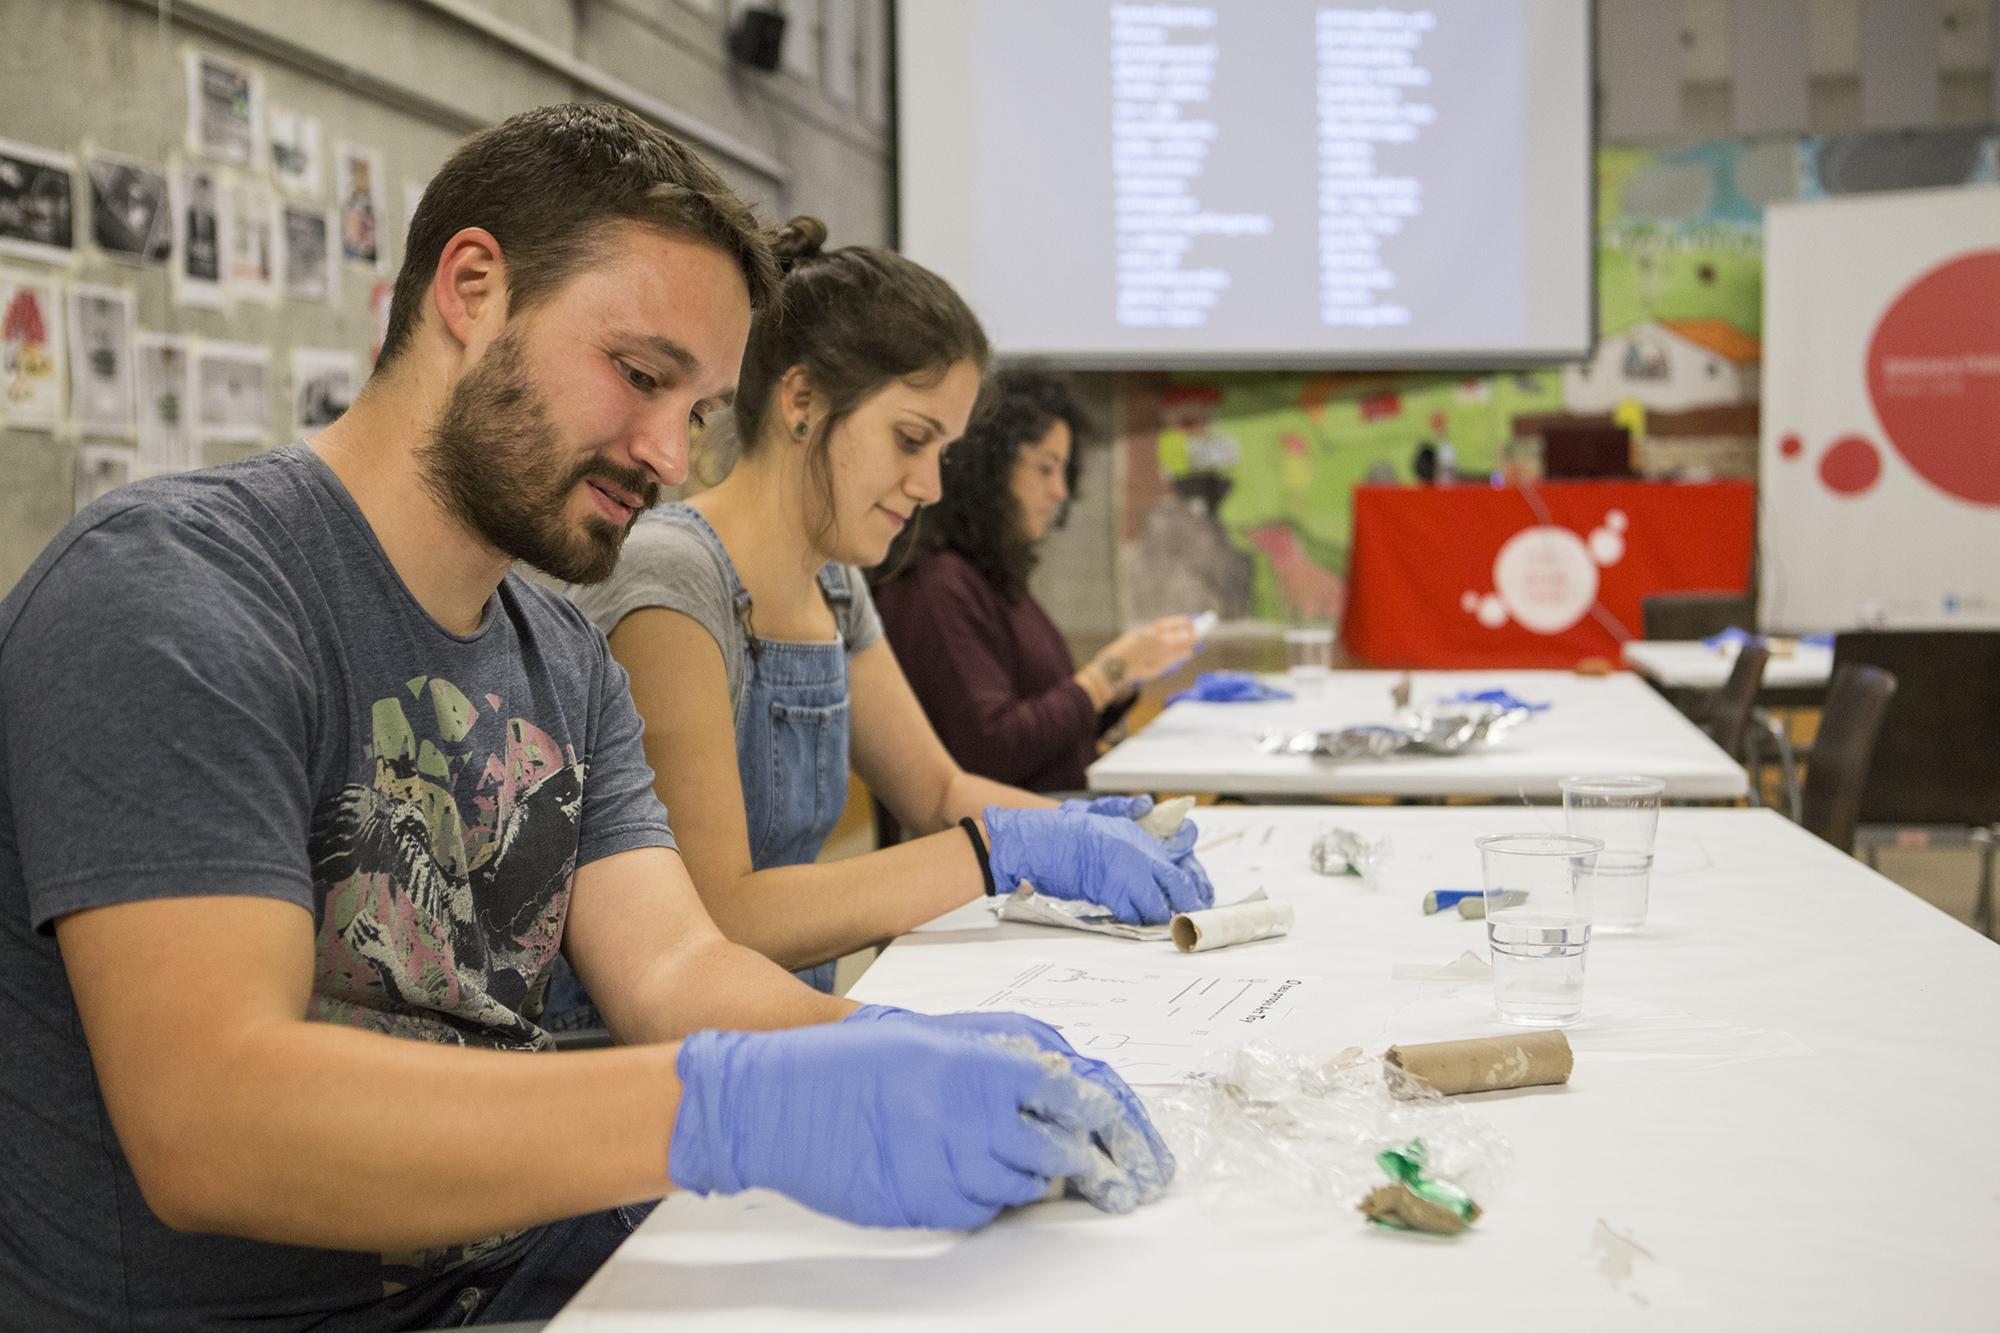 Laboratorio de Arte Urbana, 2019